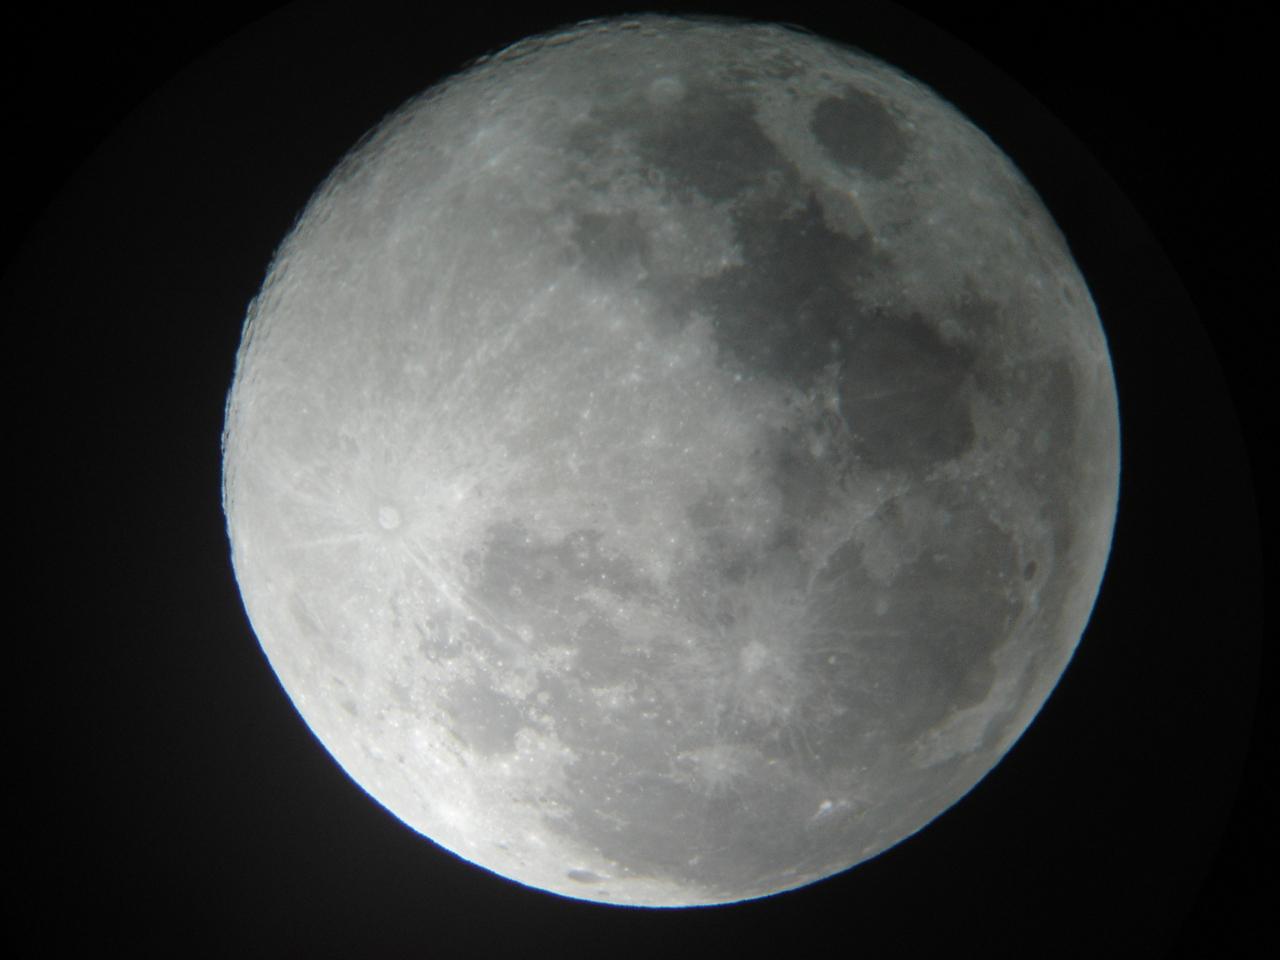 Foto Juan Pablo Ramírez, 5 de noviembre de 2006. Telescopio Orión Starmax 127 EQ y cámara digital Sony Cibershot